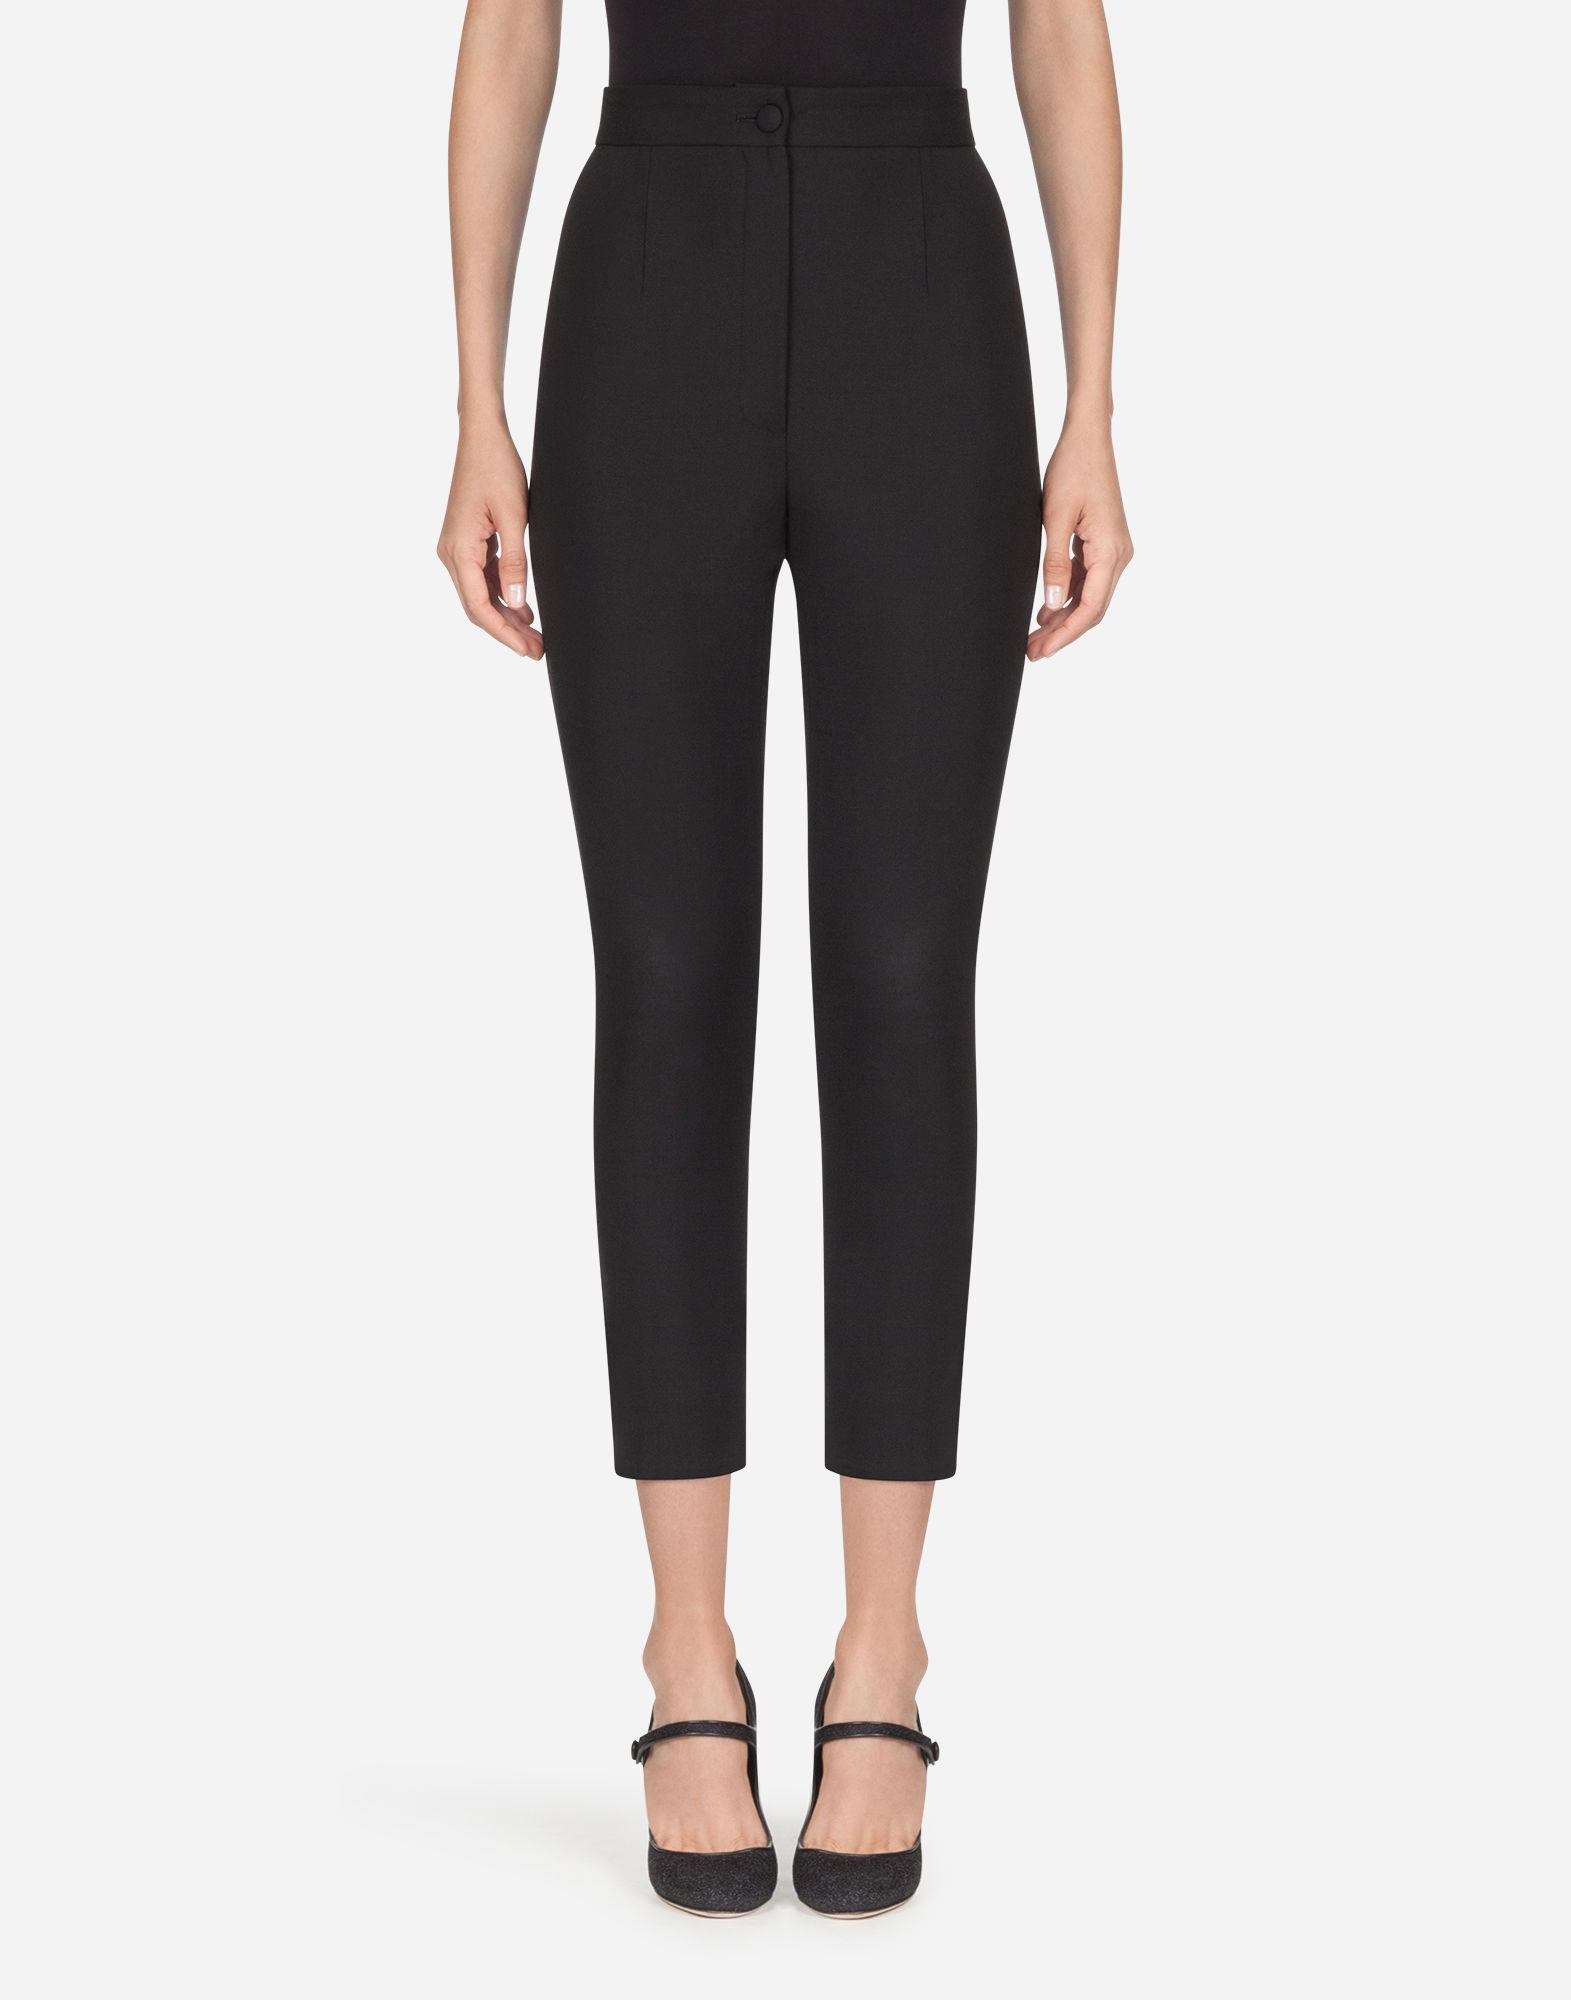 Dolce & Gabbana Wool Trousers In Black